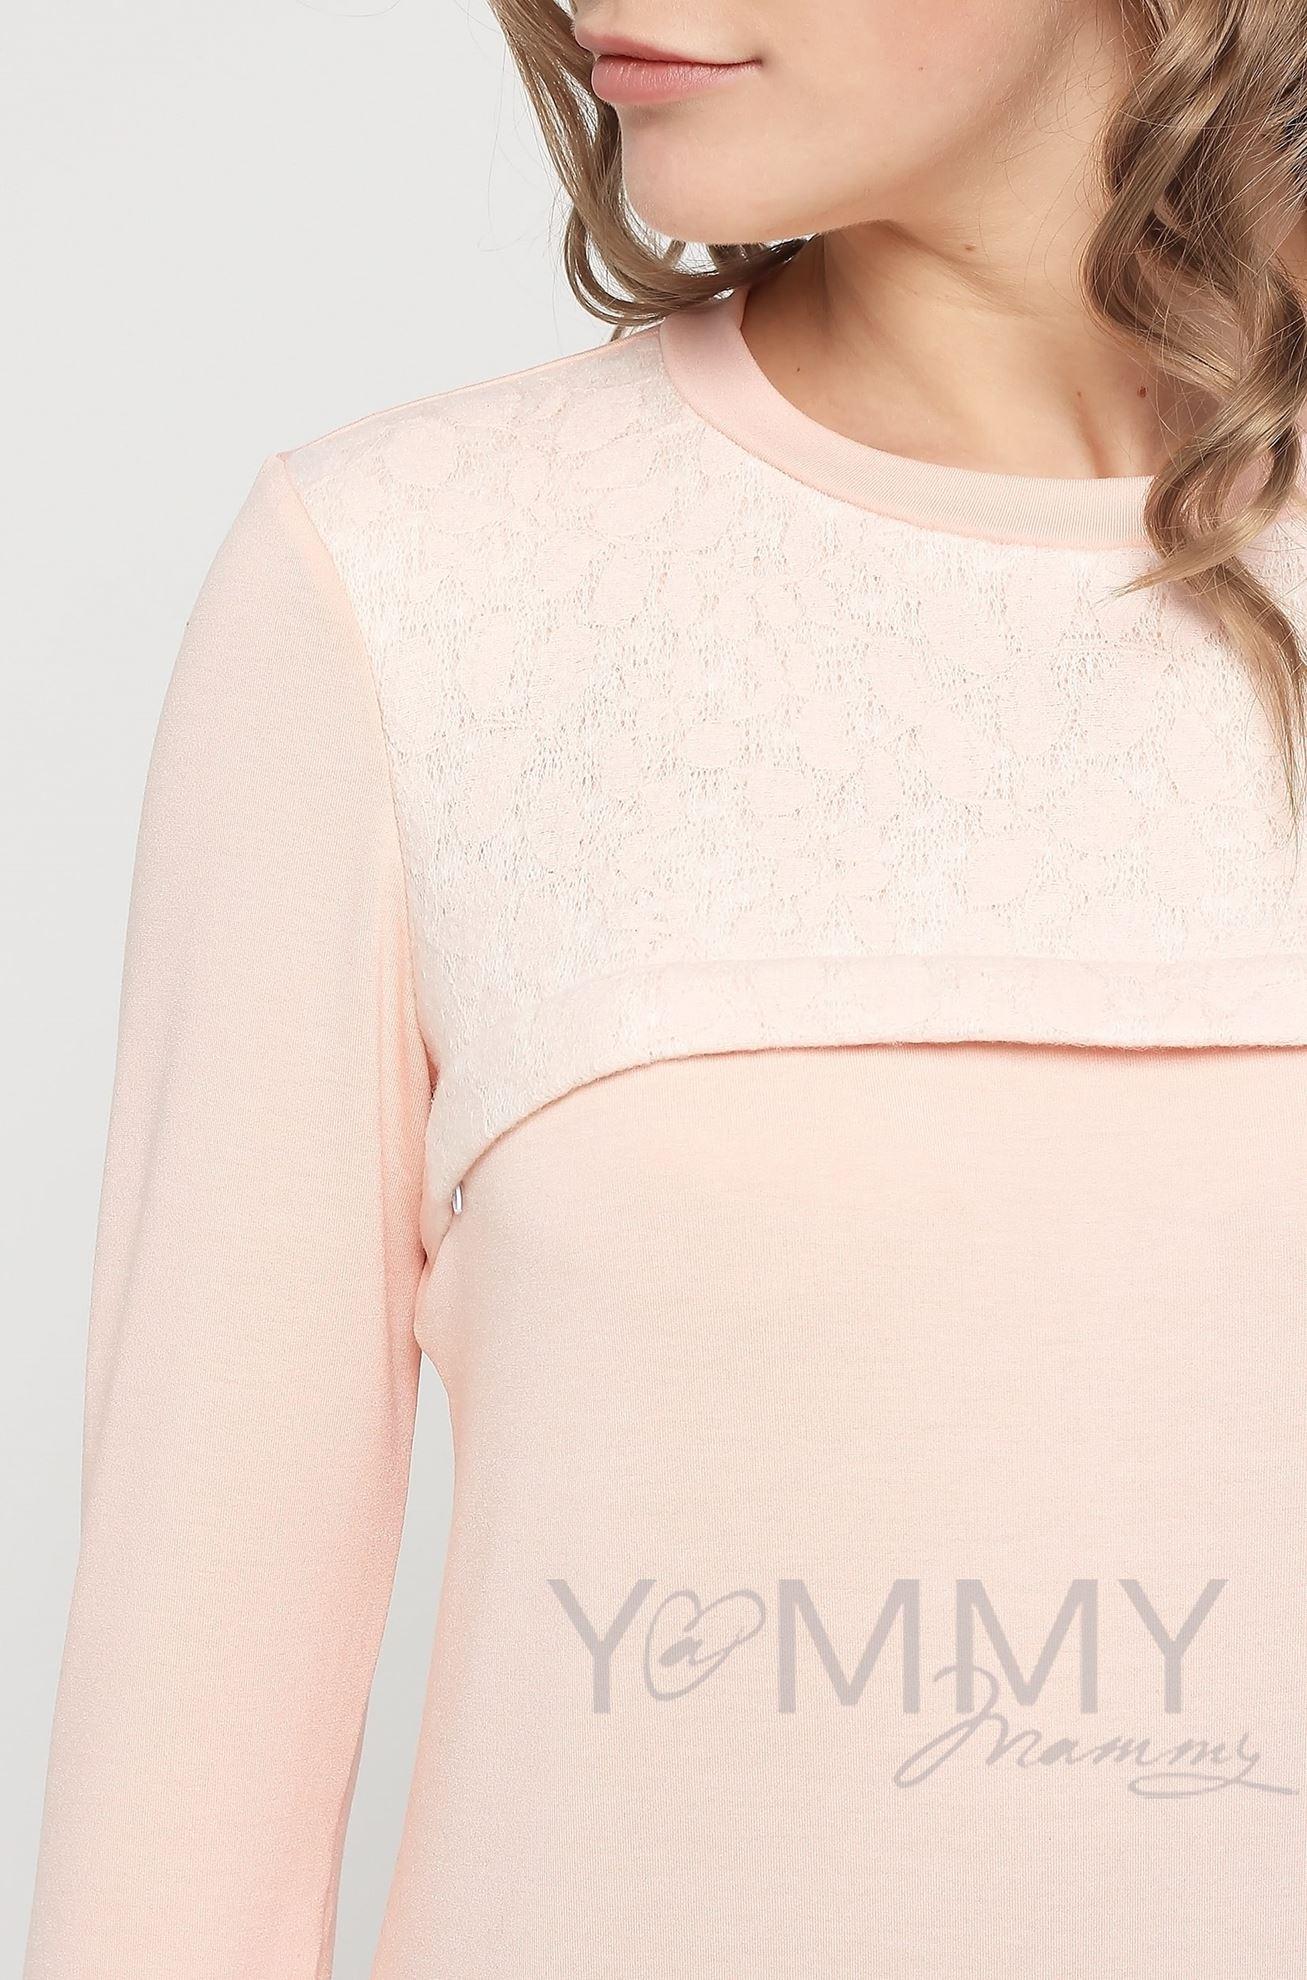 Изображение                               Свитшот светло-розовый с кружевной вставкой